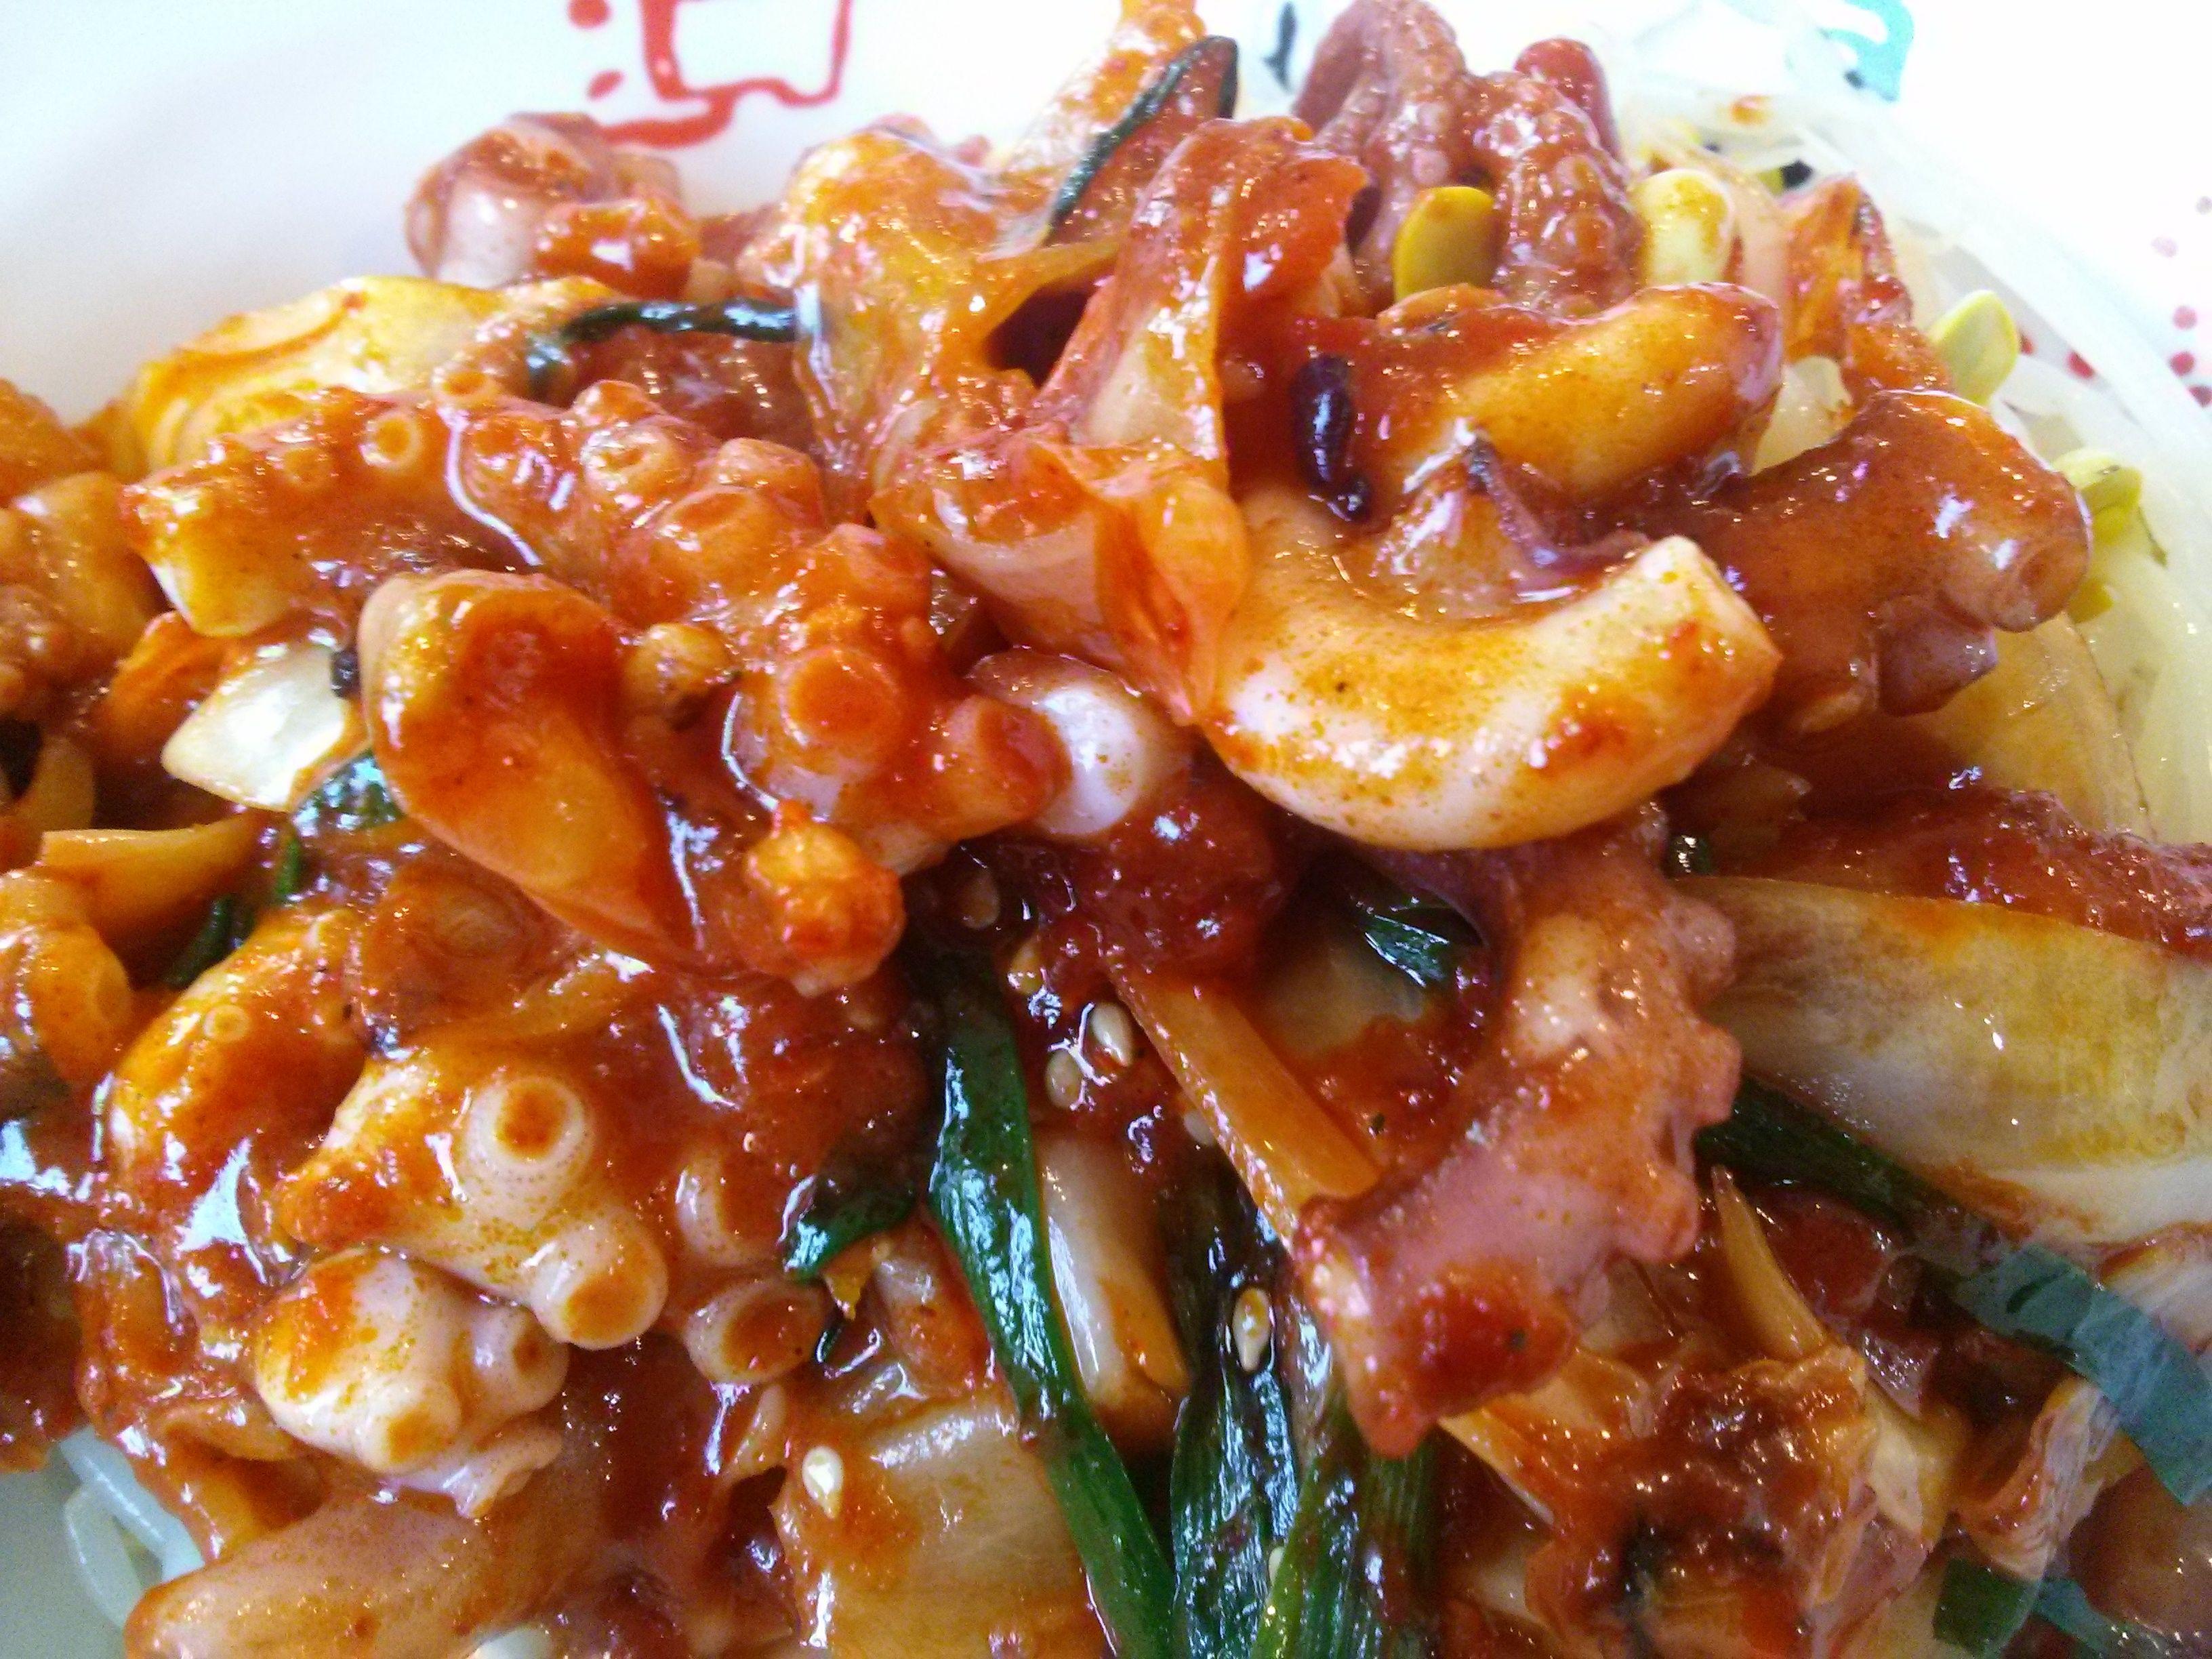 낚지 덮밥(Spicy Stir-fried Octopus with Rice). 매운 고추가루양념으로 낙지를 빠르게 볶아낸 후 밥과 함께 비벼먹는 음식이다.